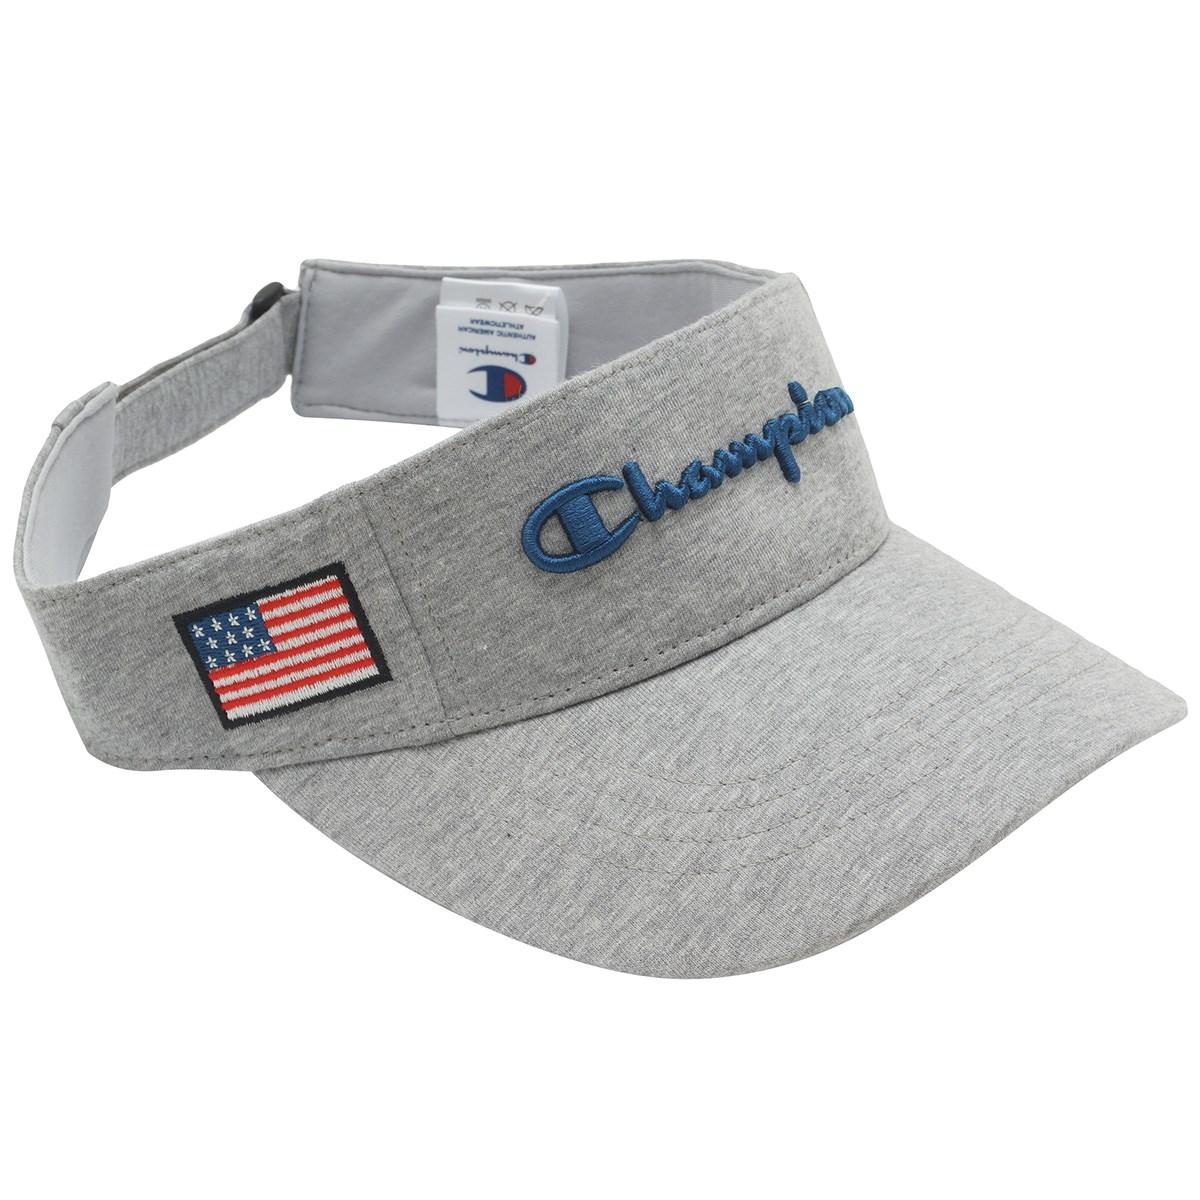 チャンピオンゴルフ Champion GOLF スウェット サンバイザー フリー オックスフォードグレー 070